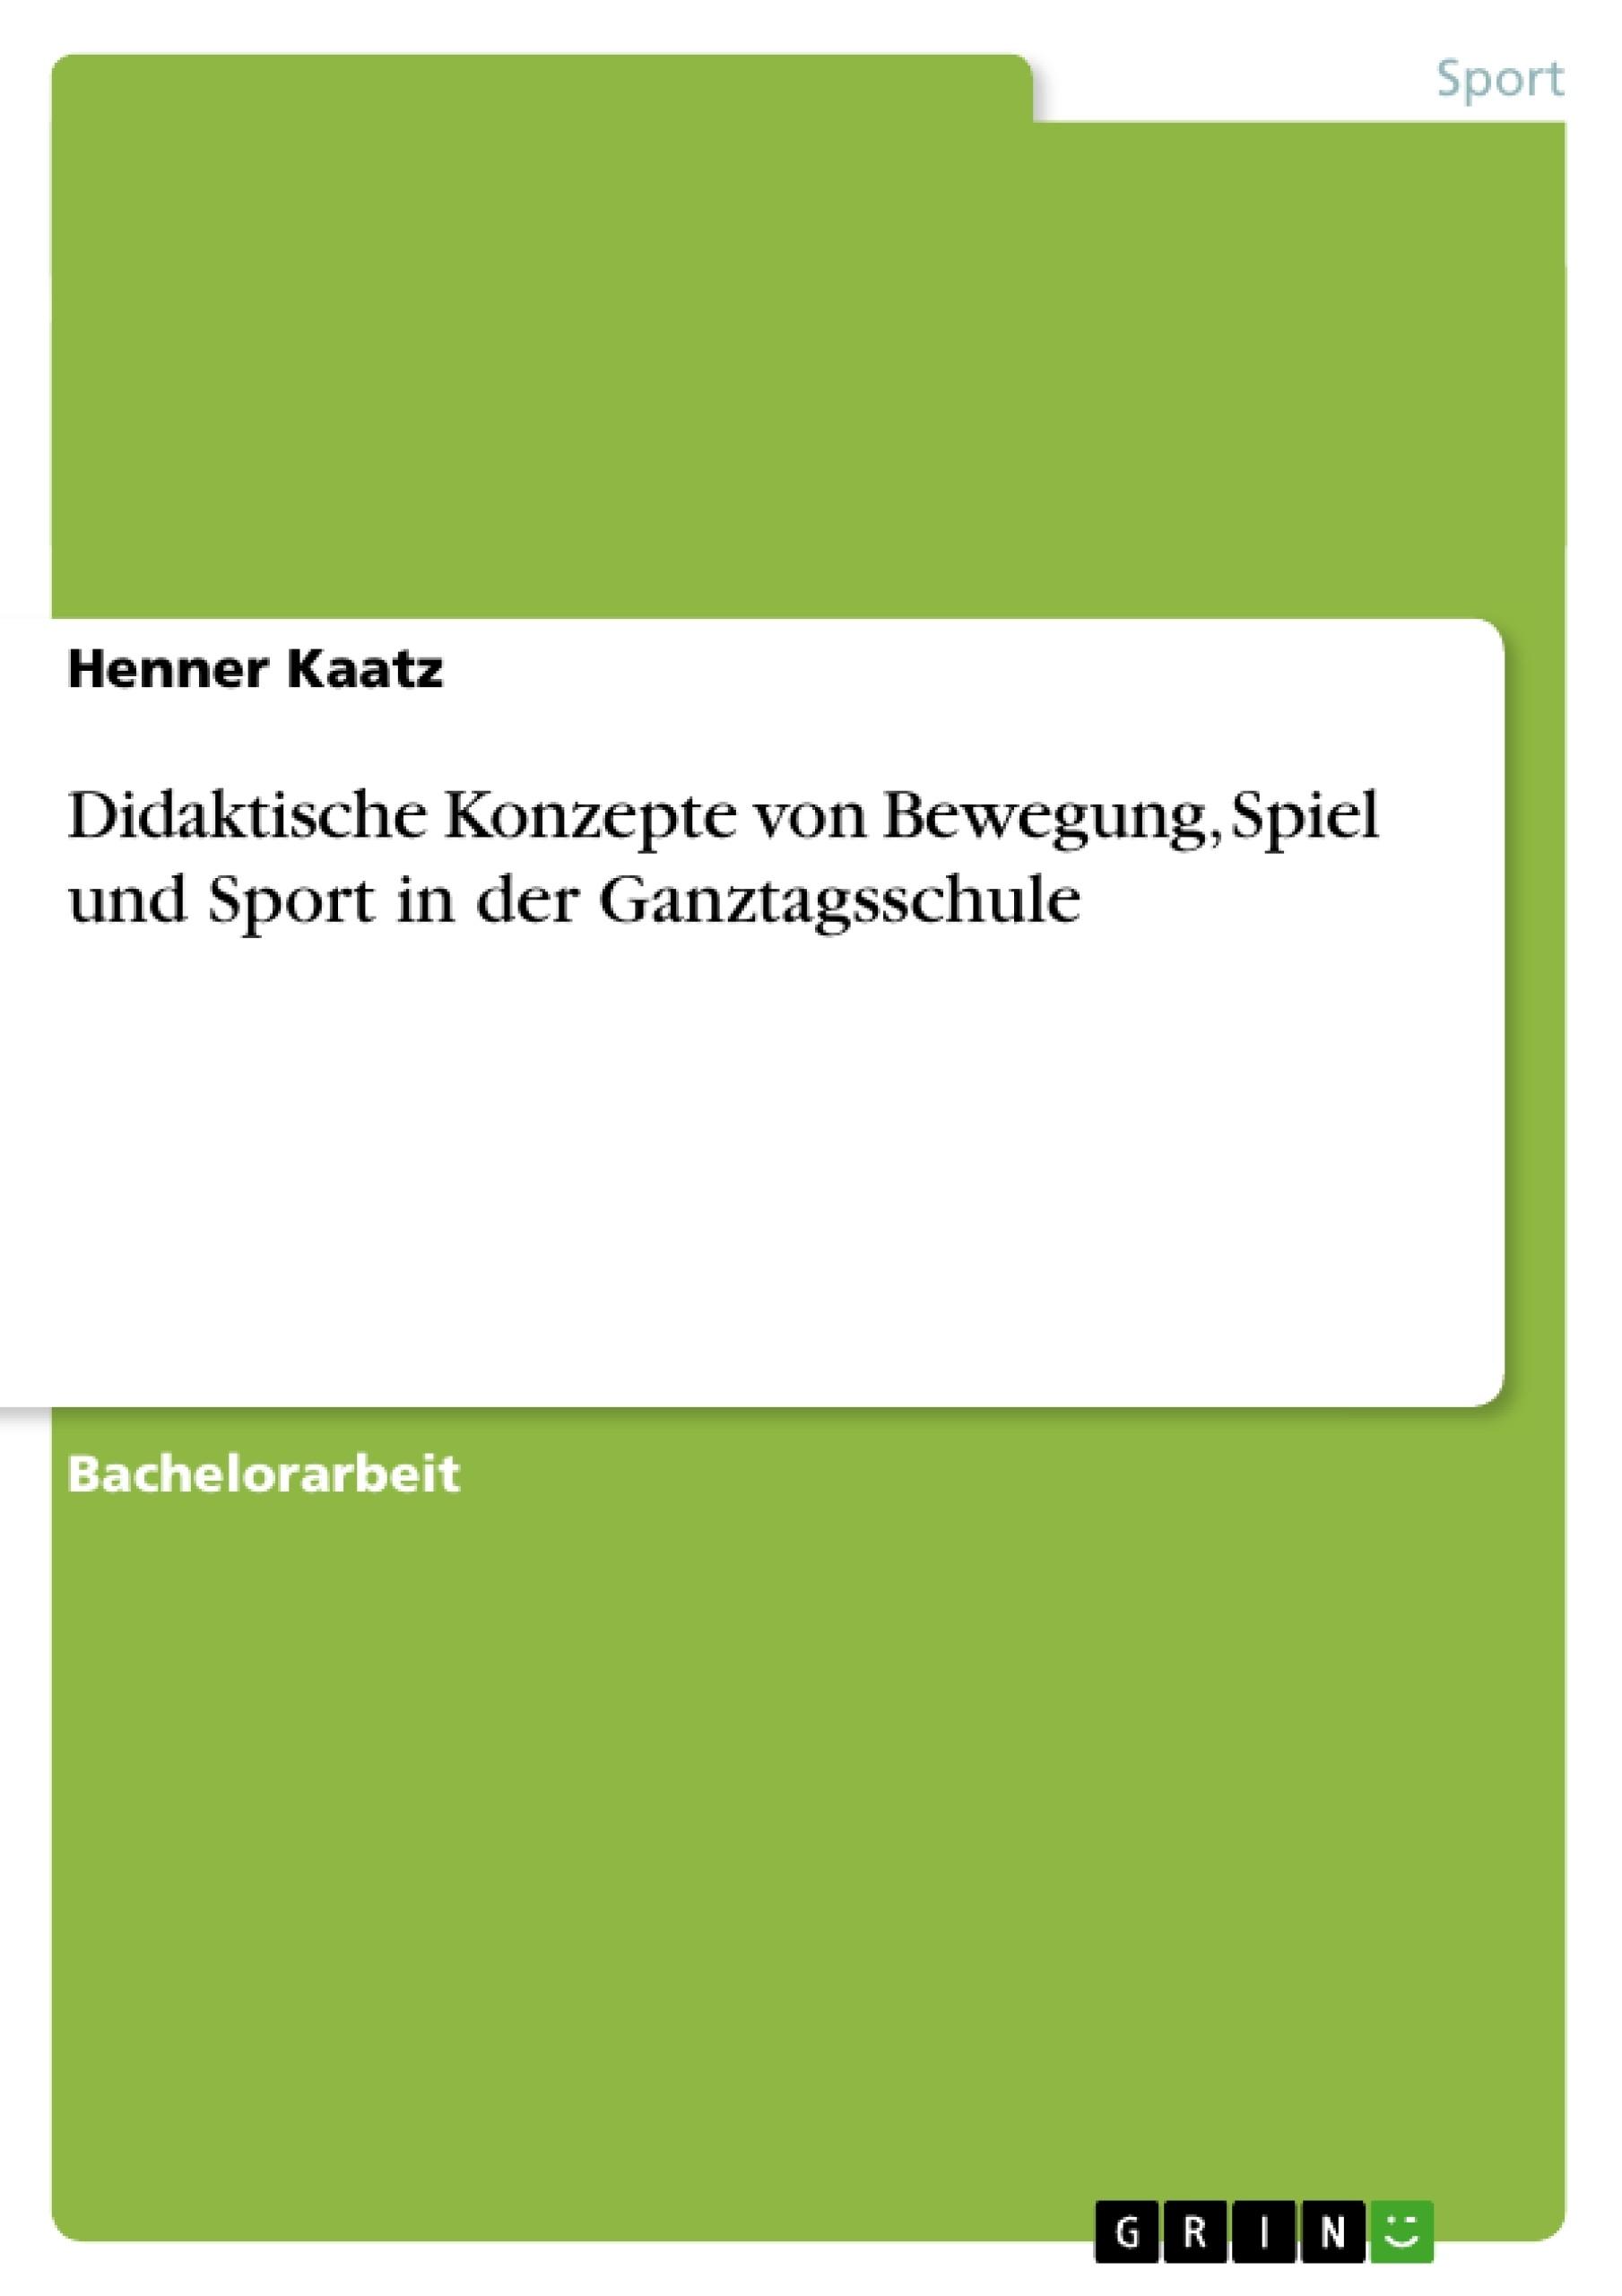 Titel: Didaktische Konzepte von Bewegung, Spiel und Sport in der Ganztagsschule